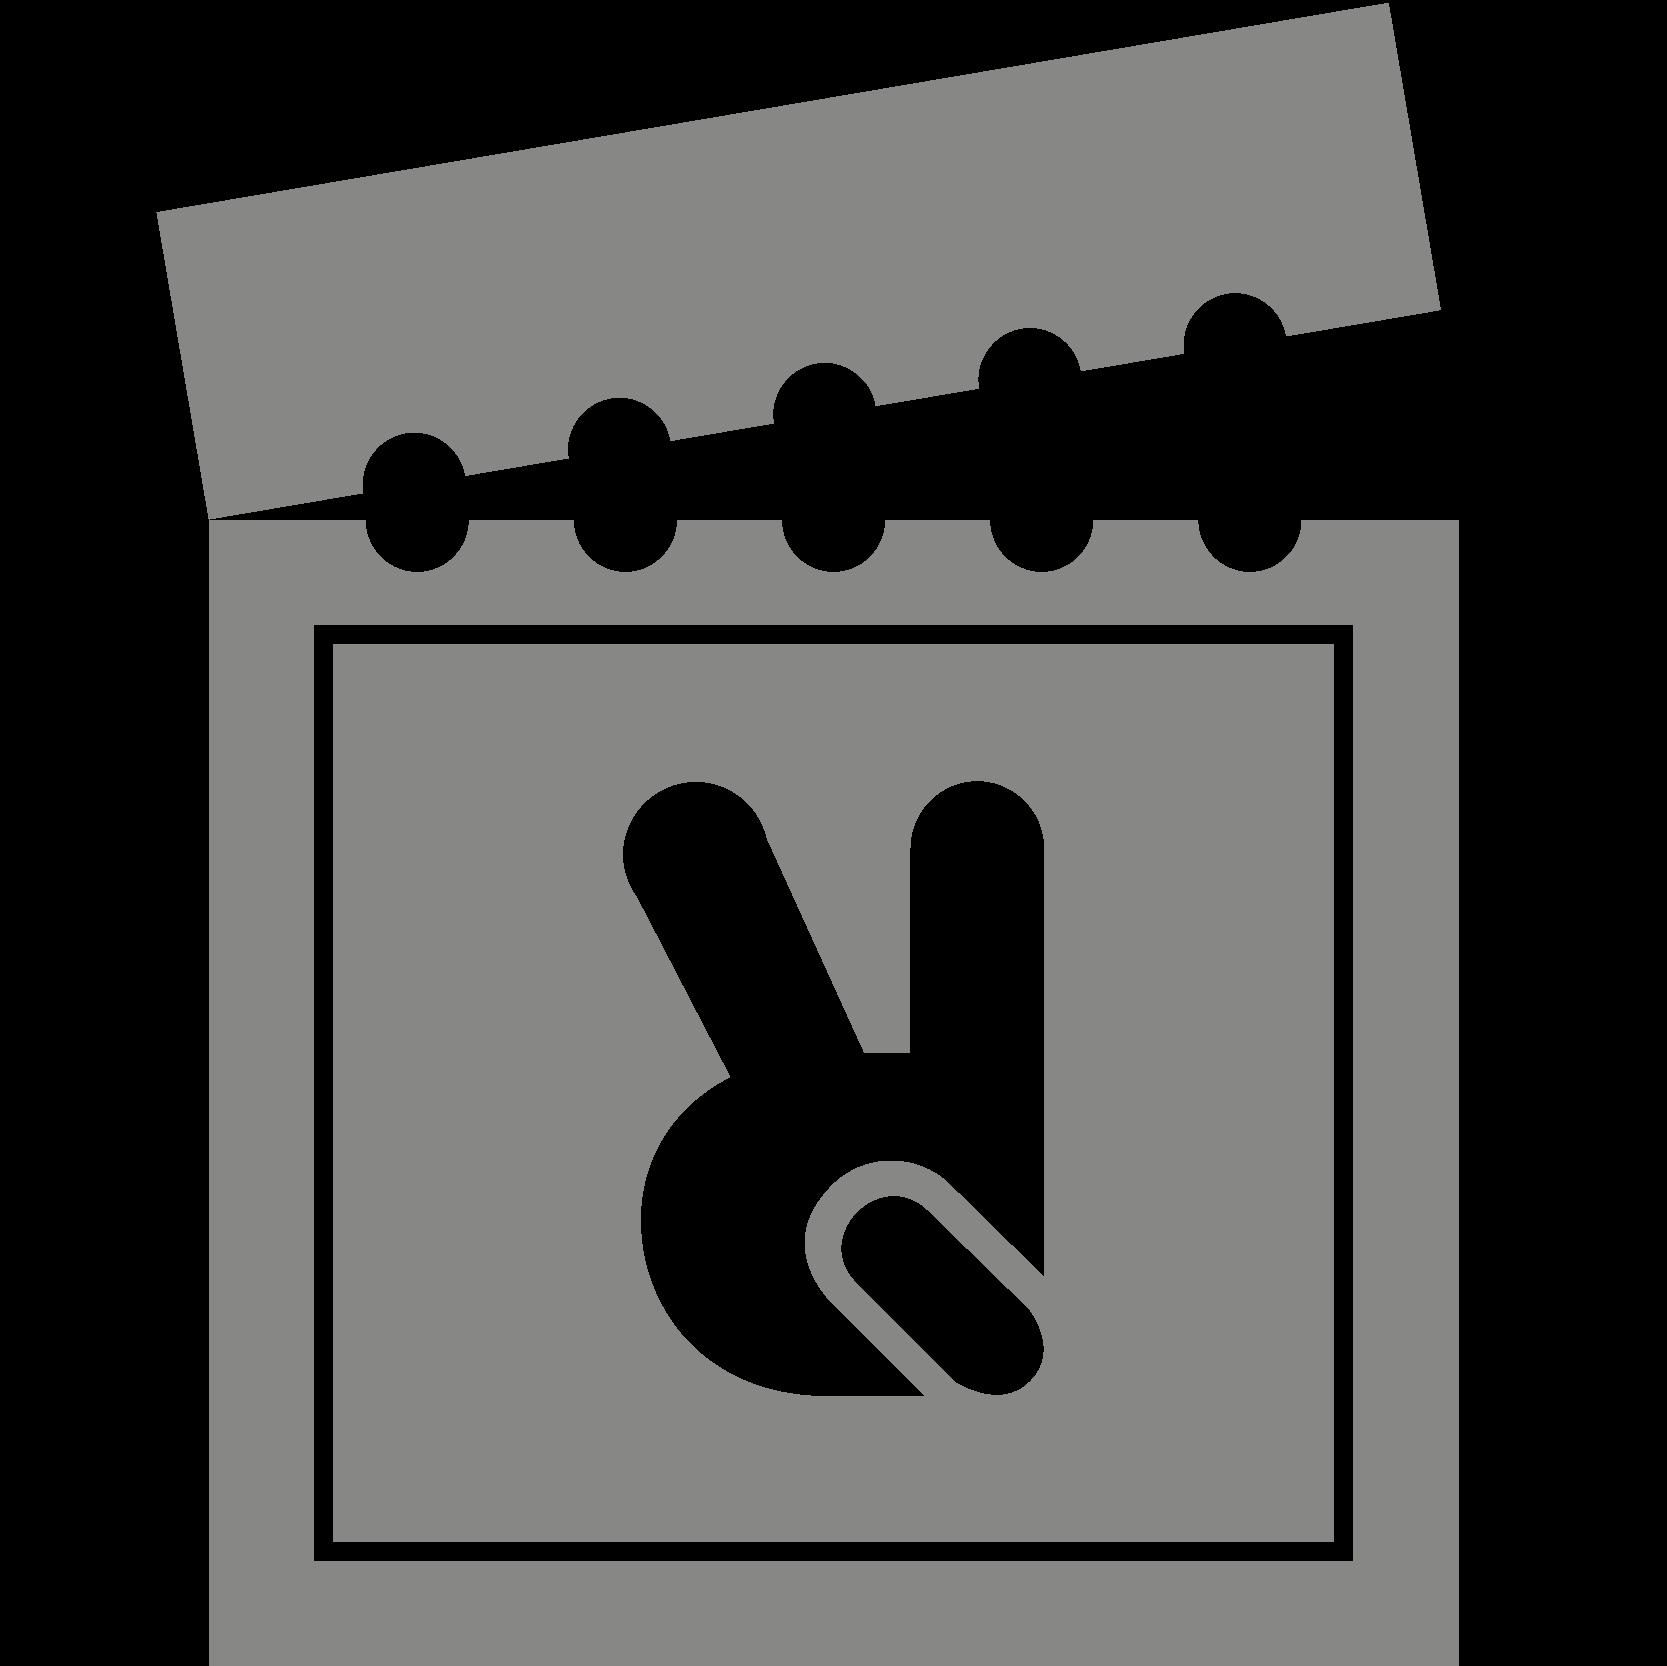 iconModel_23